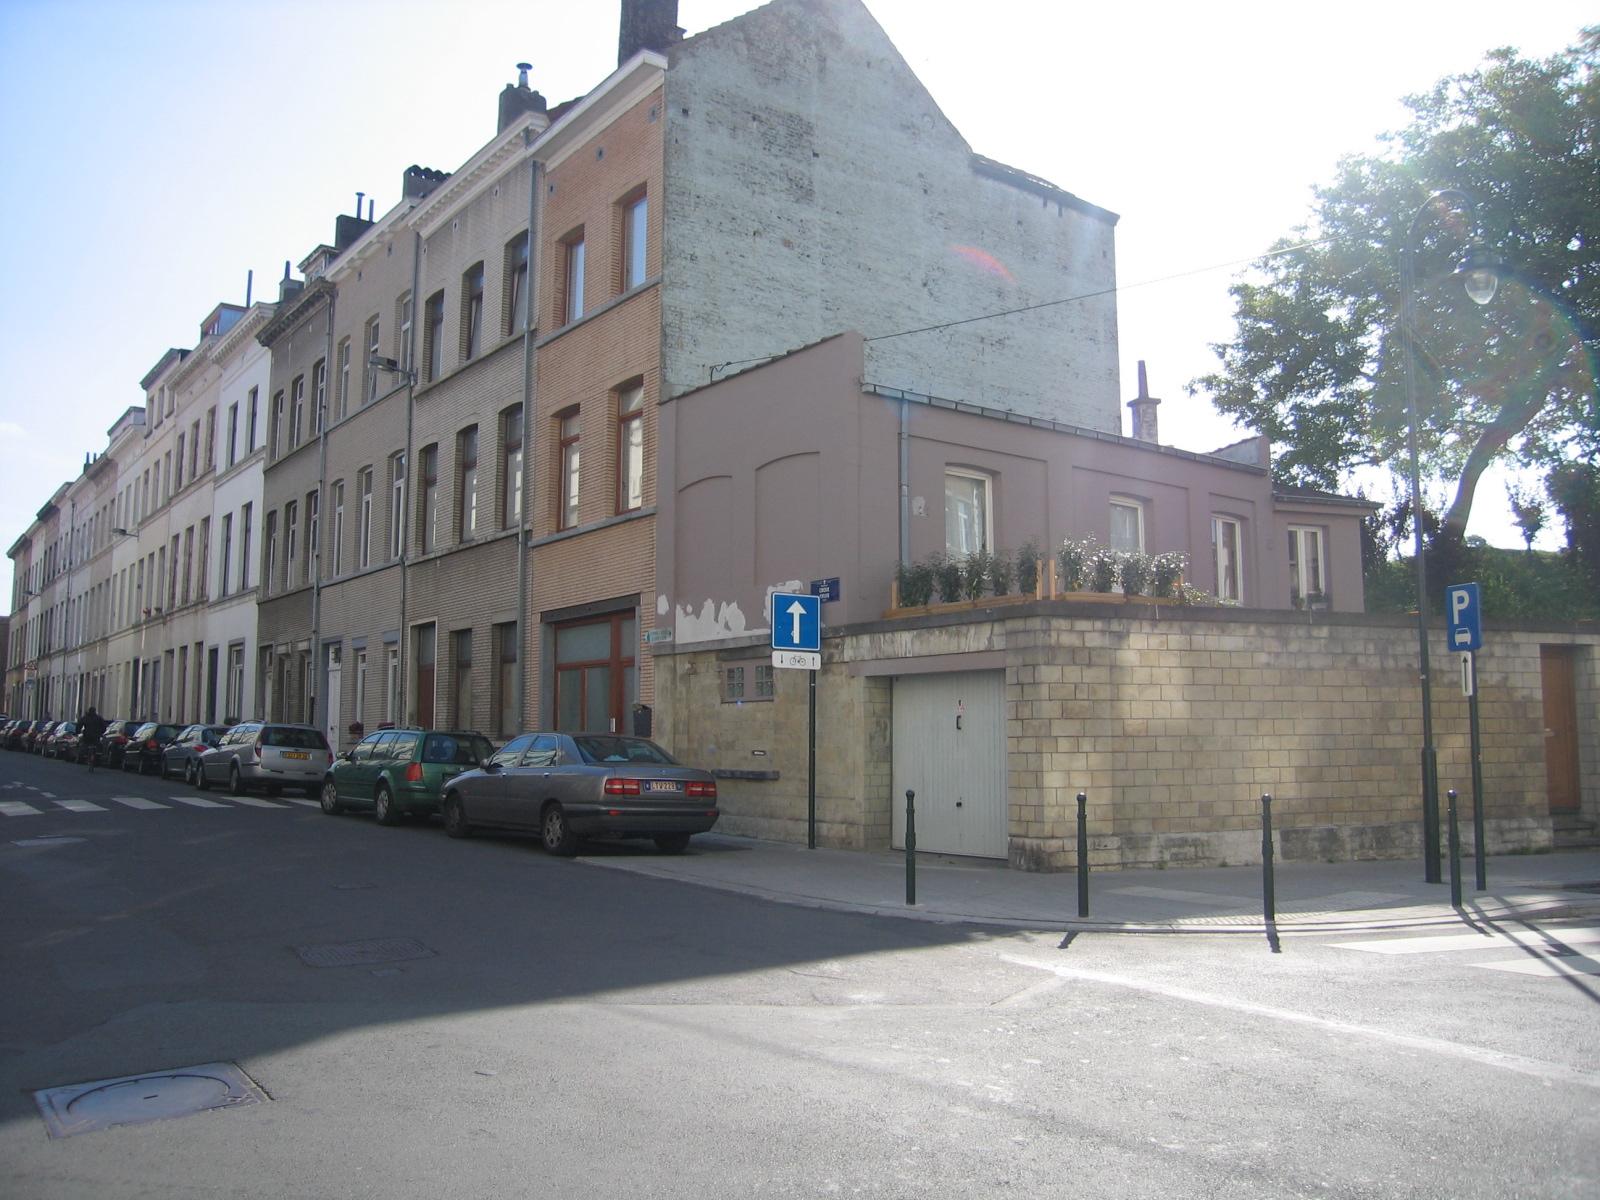 Kruisstraat, huizenrij op hoek met Verlaatstraat., 2006